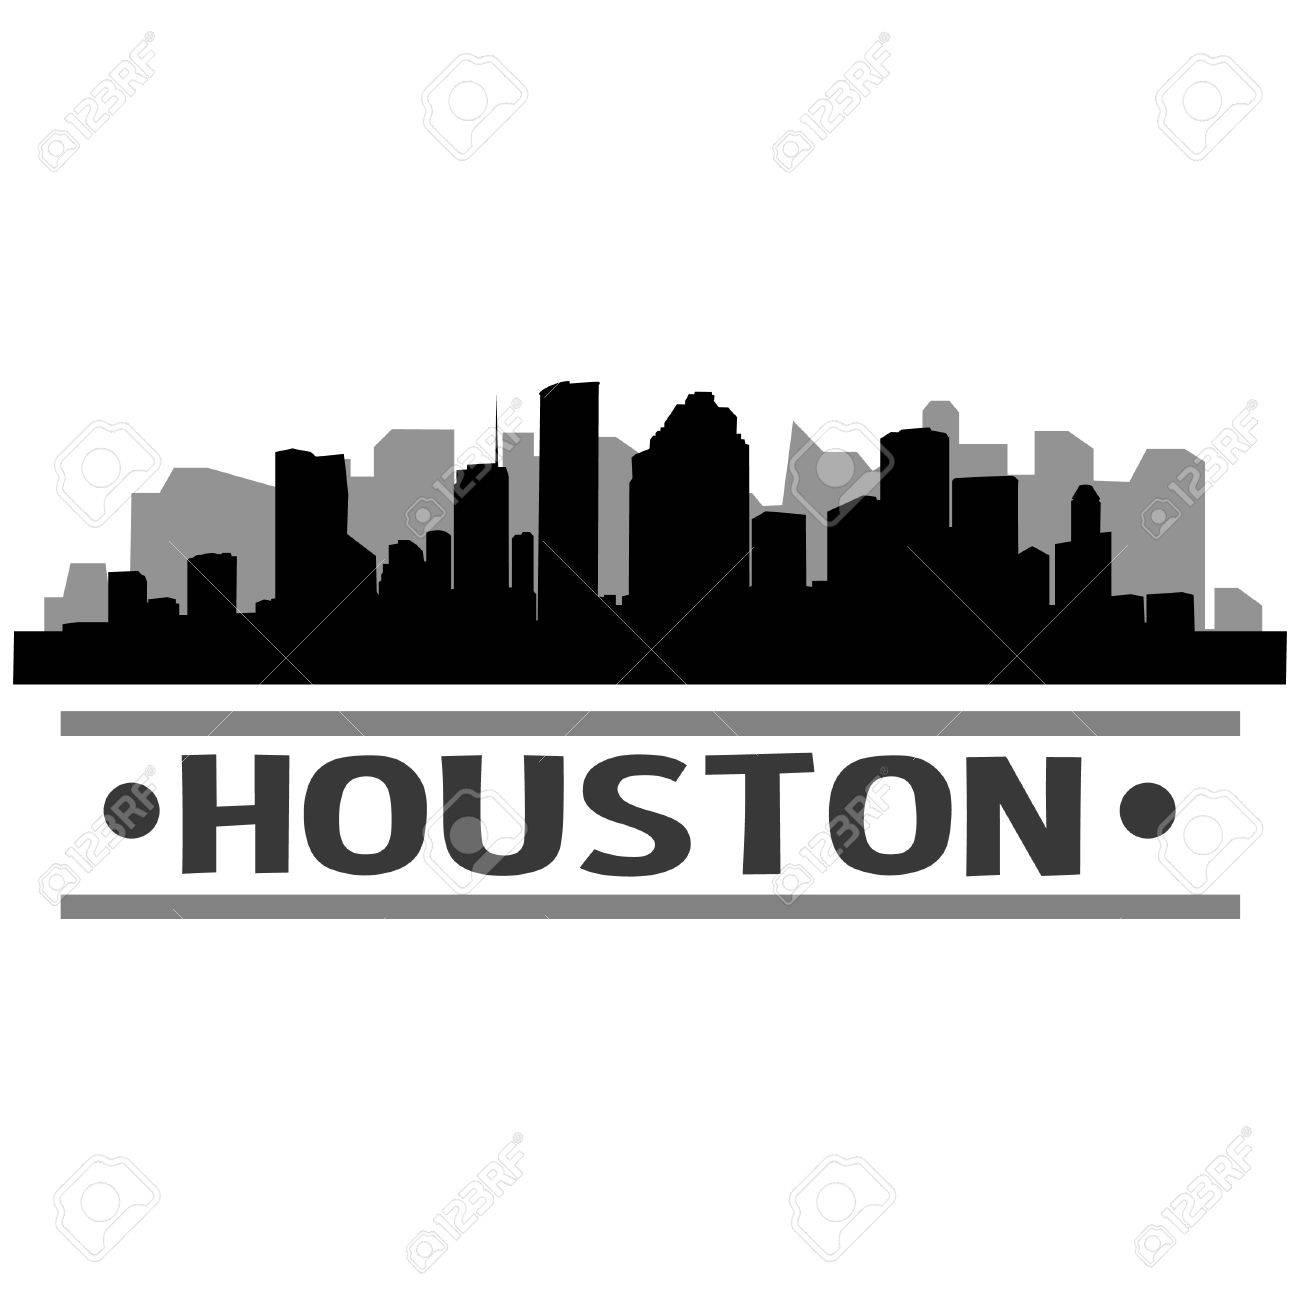 Houston Skyline Vector Art City Design.